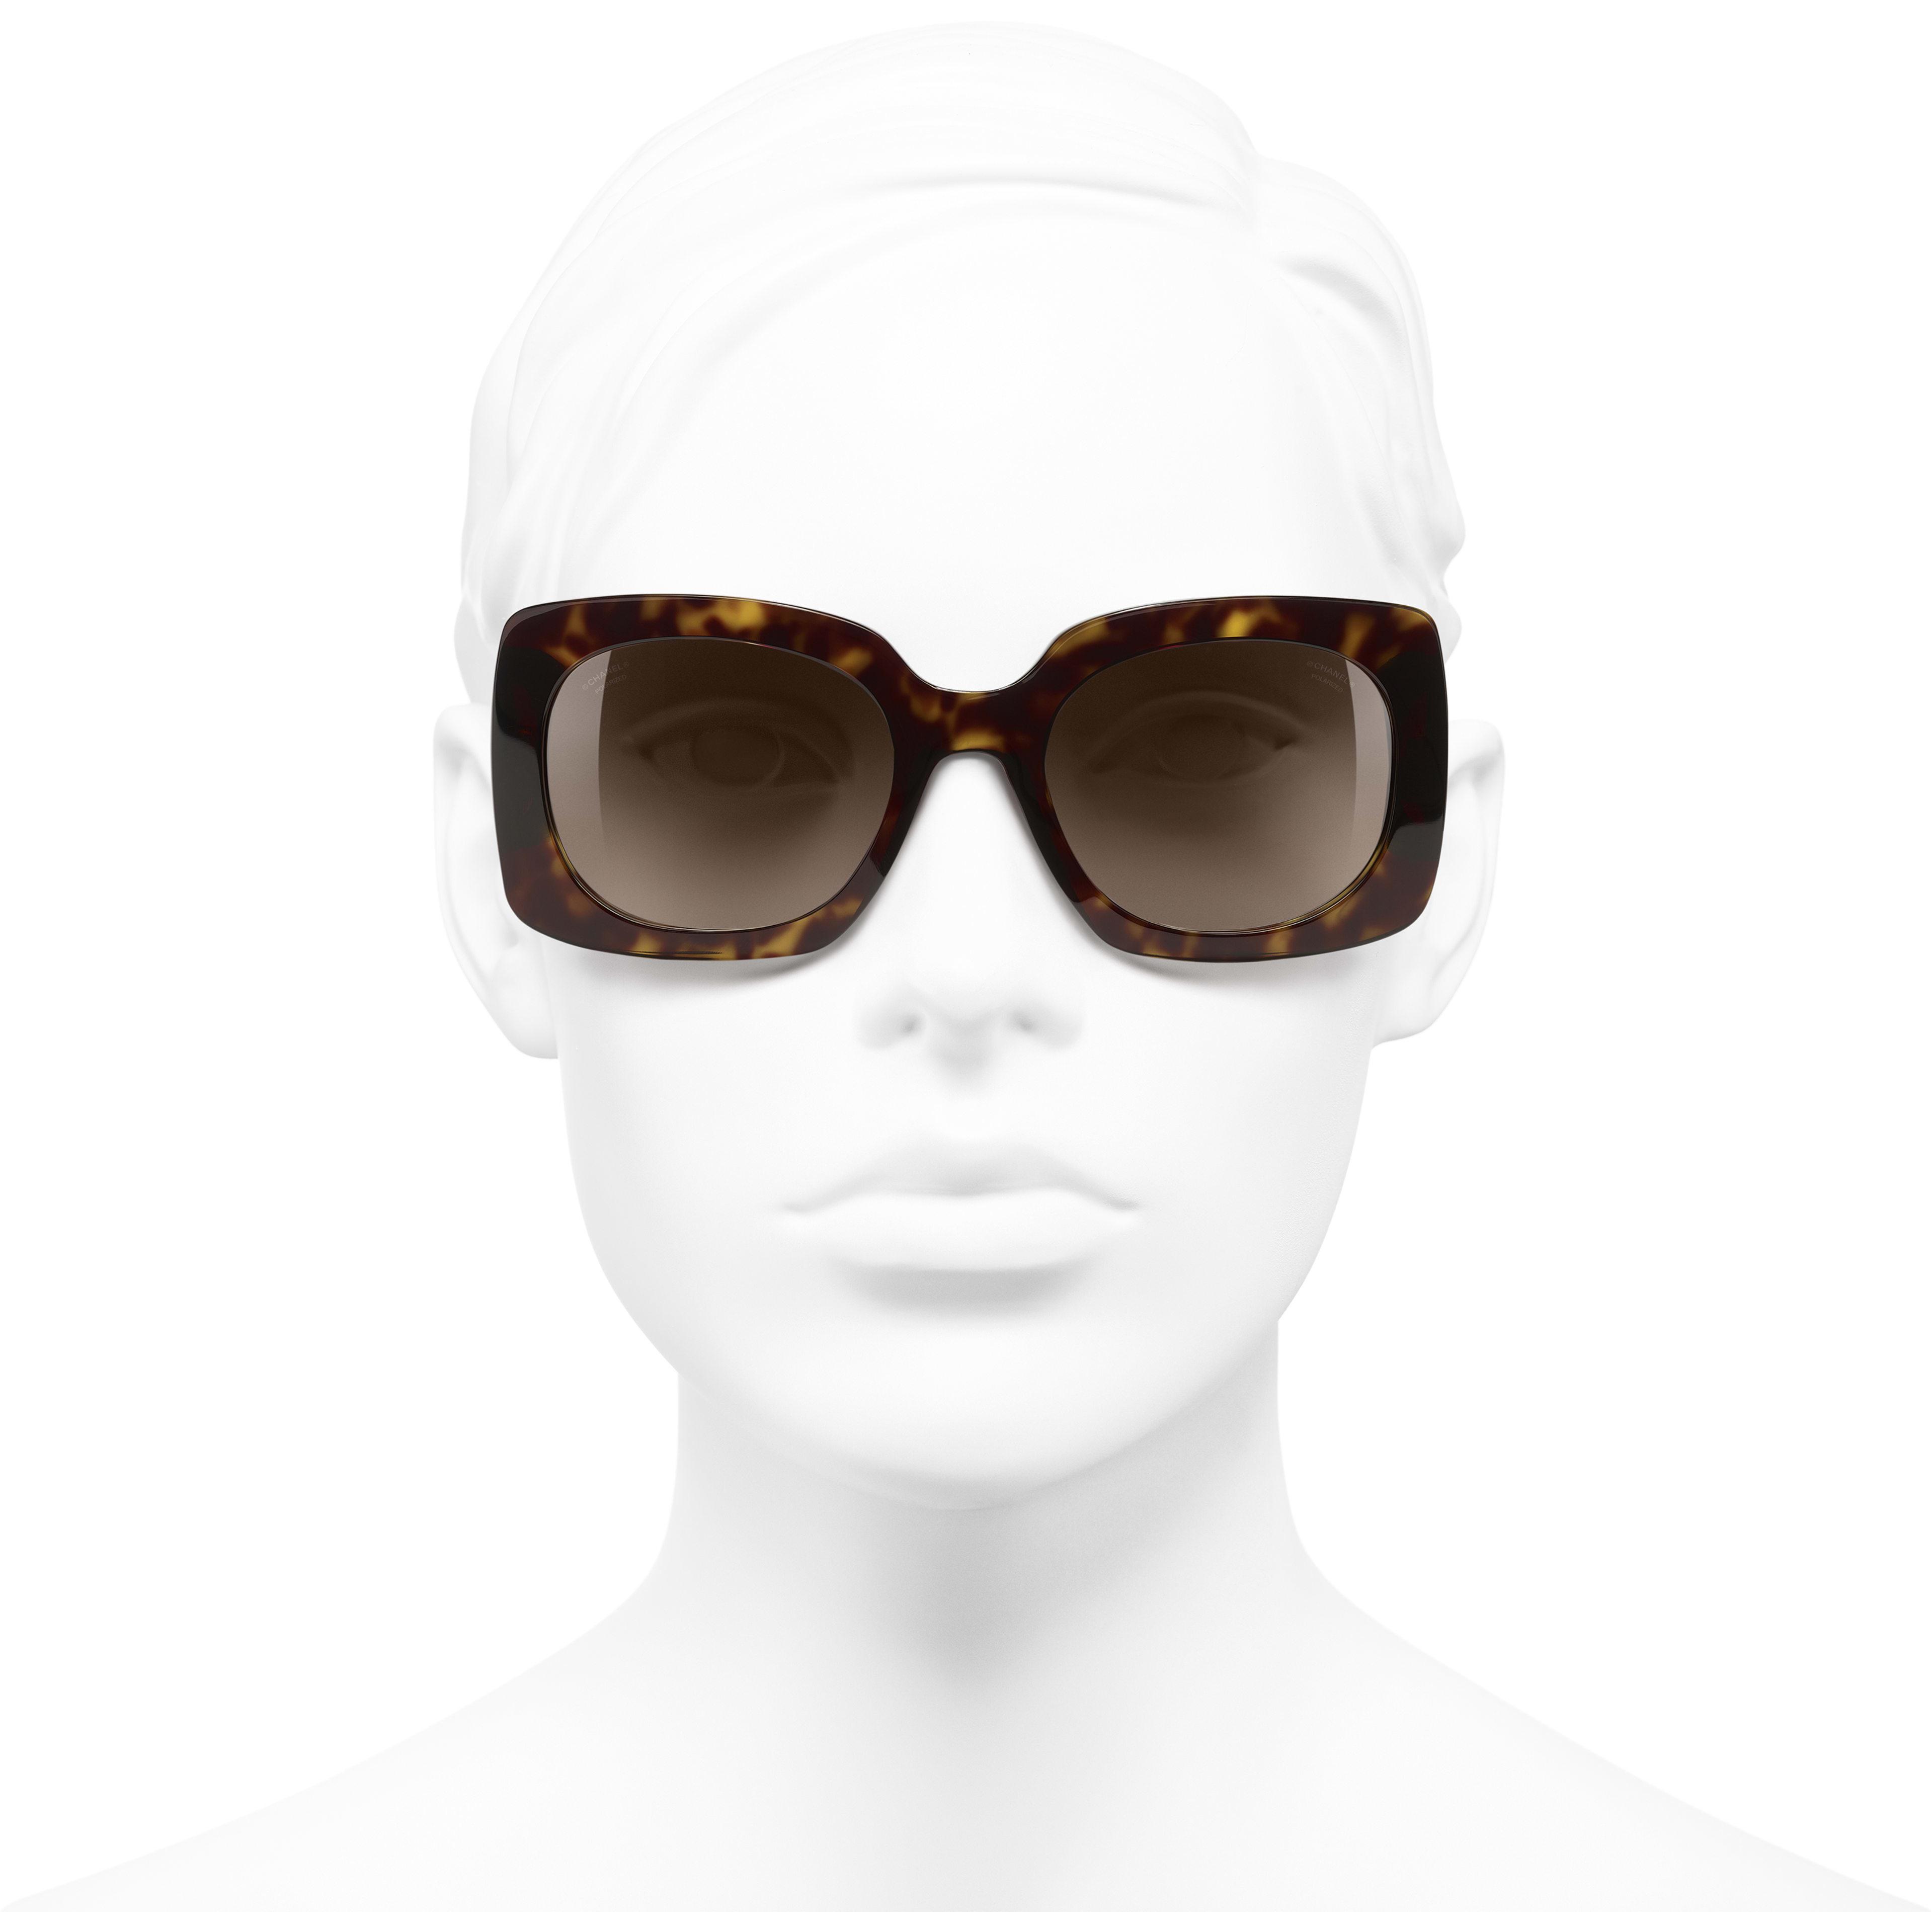 d068325087e ... Rectangle Sunglasses - Dark Tortoise   Dark Blue - Acetate   Denim - Polarized  Lenses -